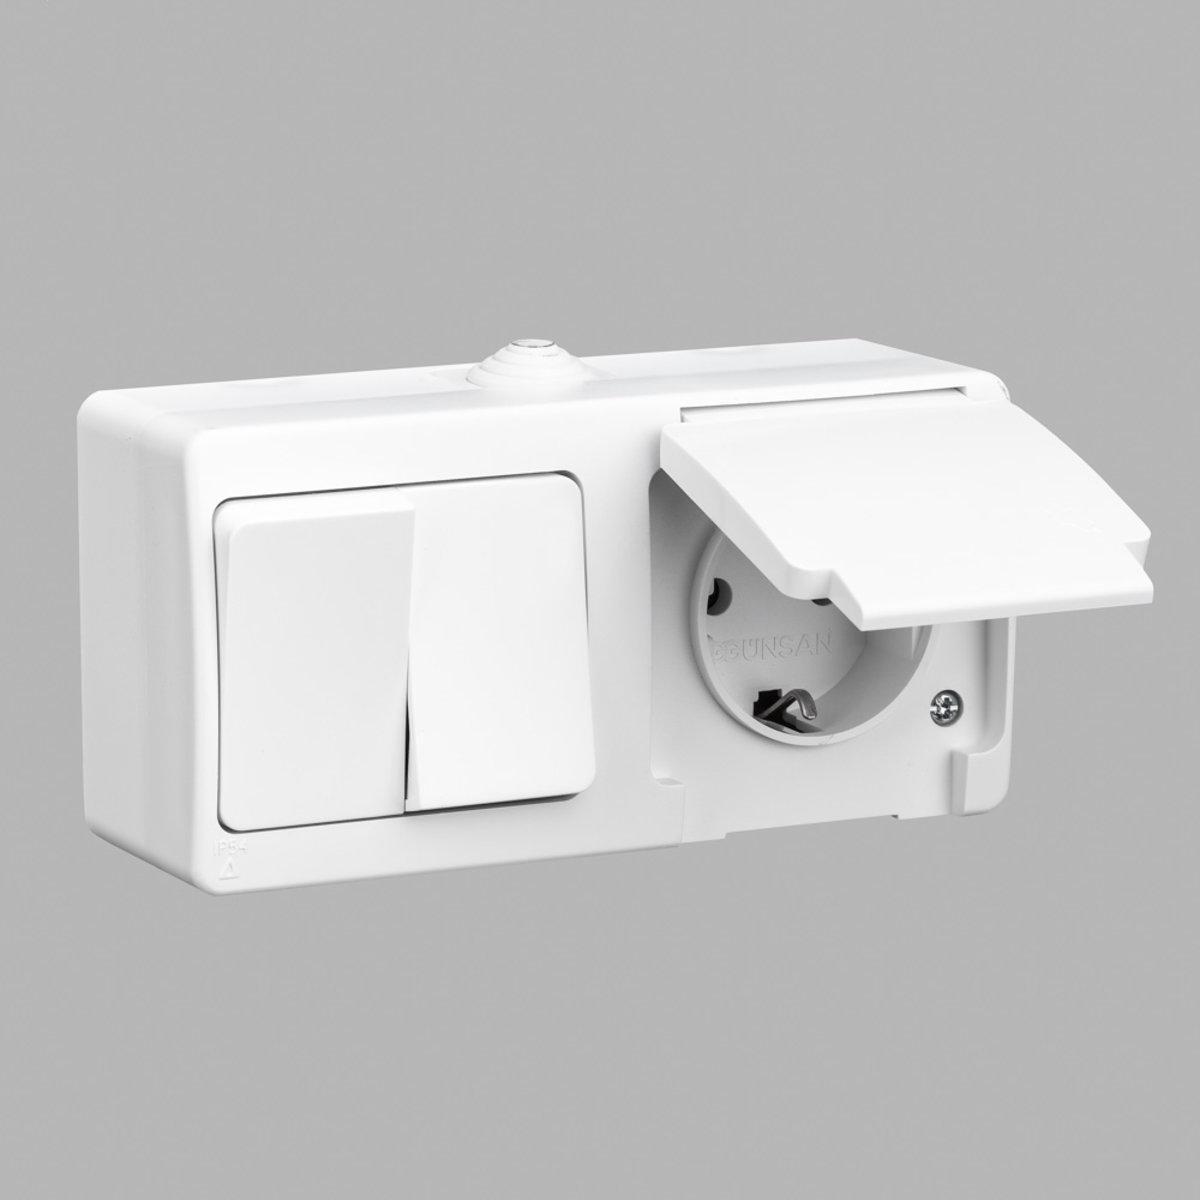 Nemli блок выключатель 2-ой + розетка с заземлением влагозащищенный белый